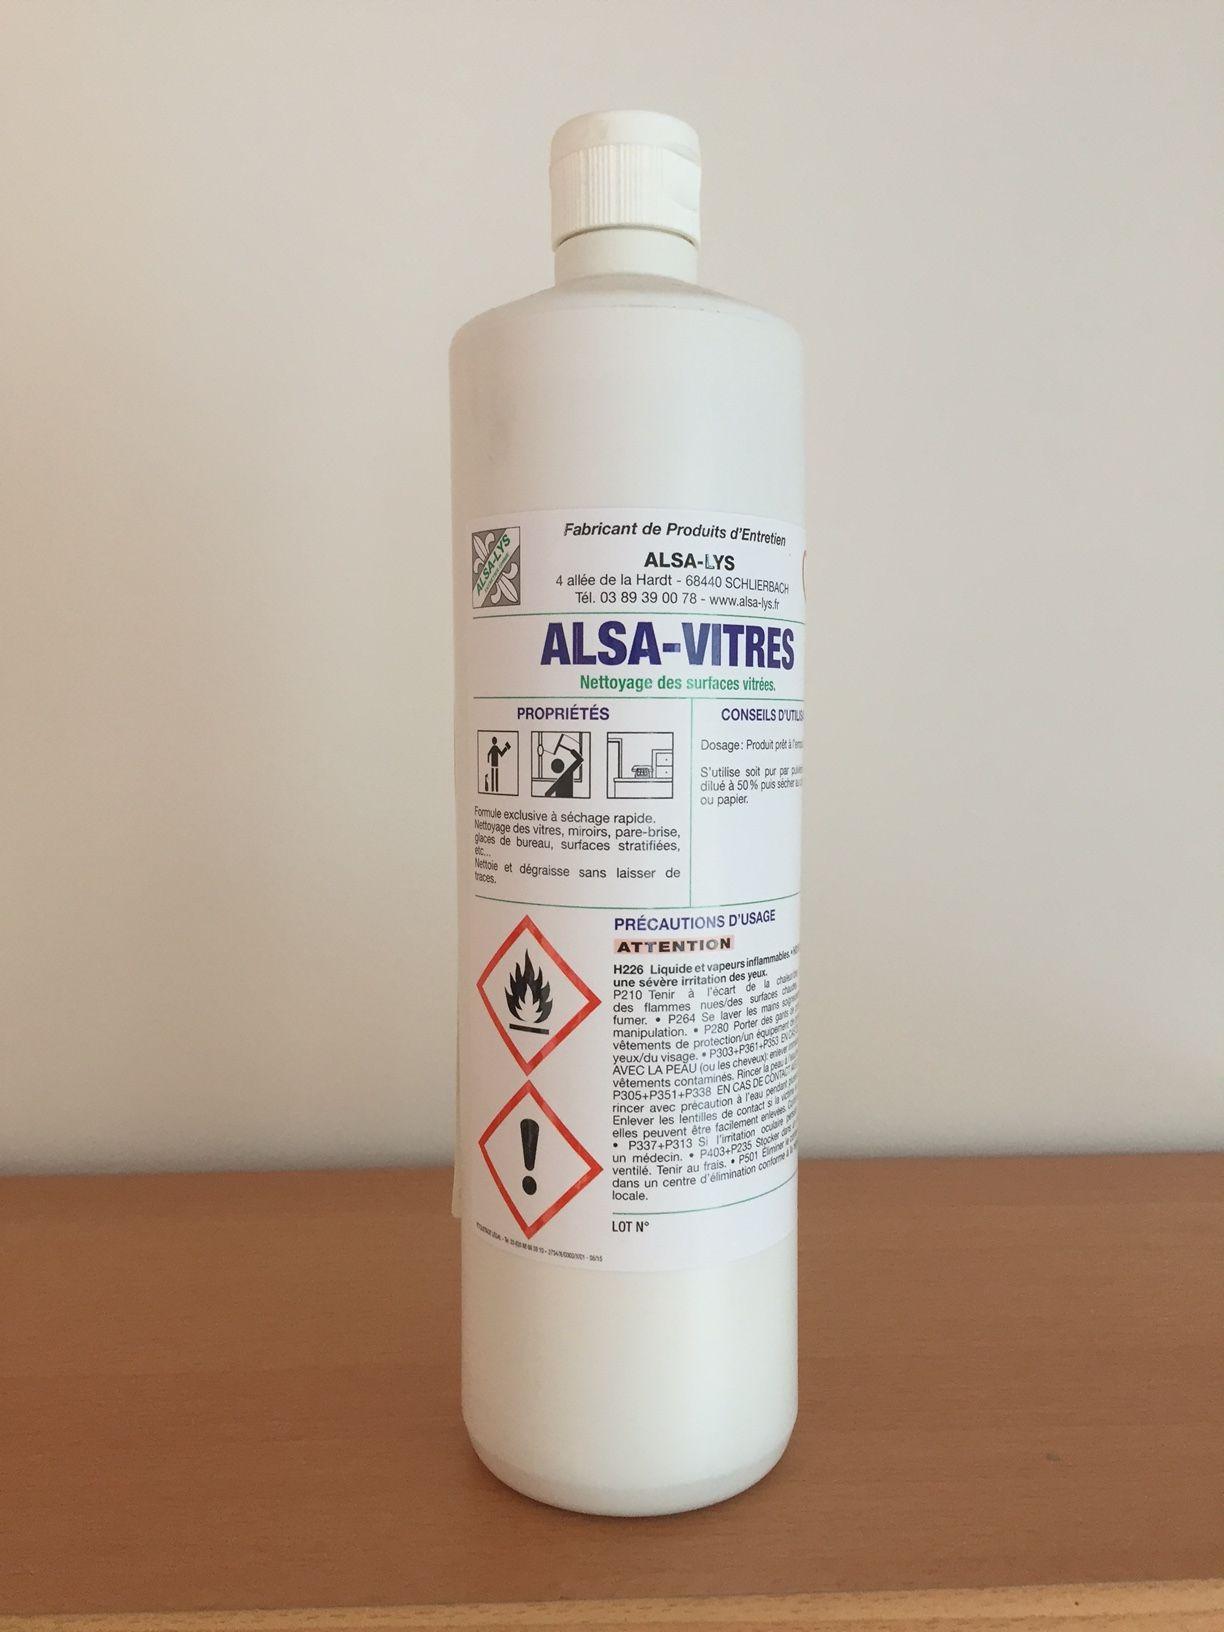 Nettoyant vitres professionnel sans laisser de traces 1 litre for Nettoyage vitres sans traces